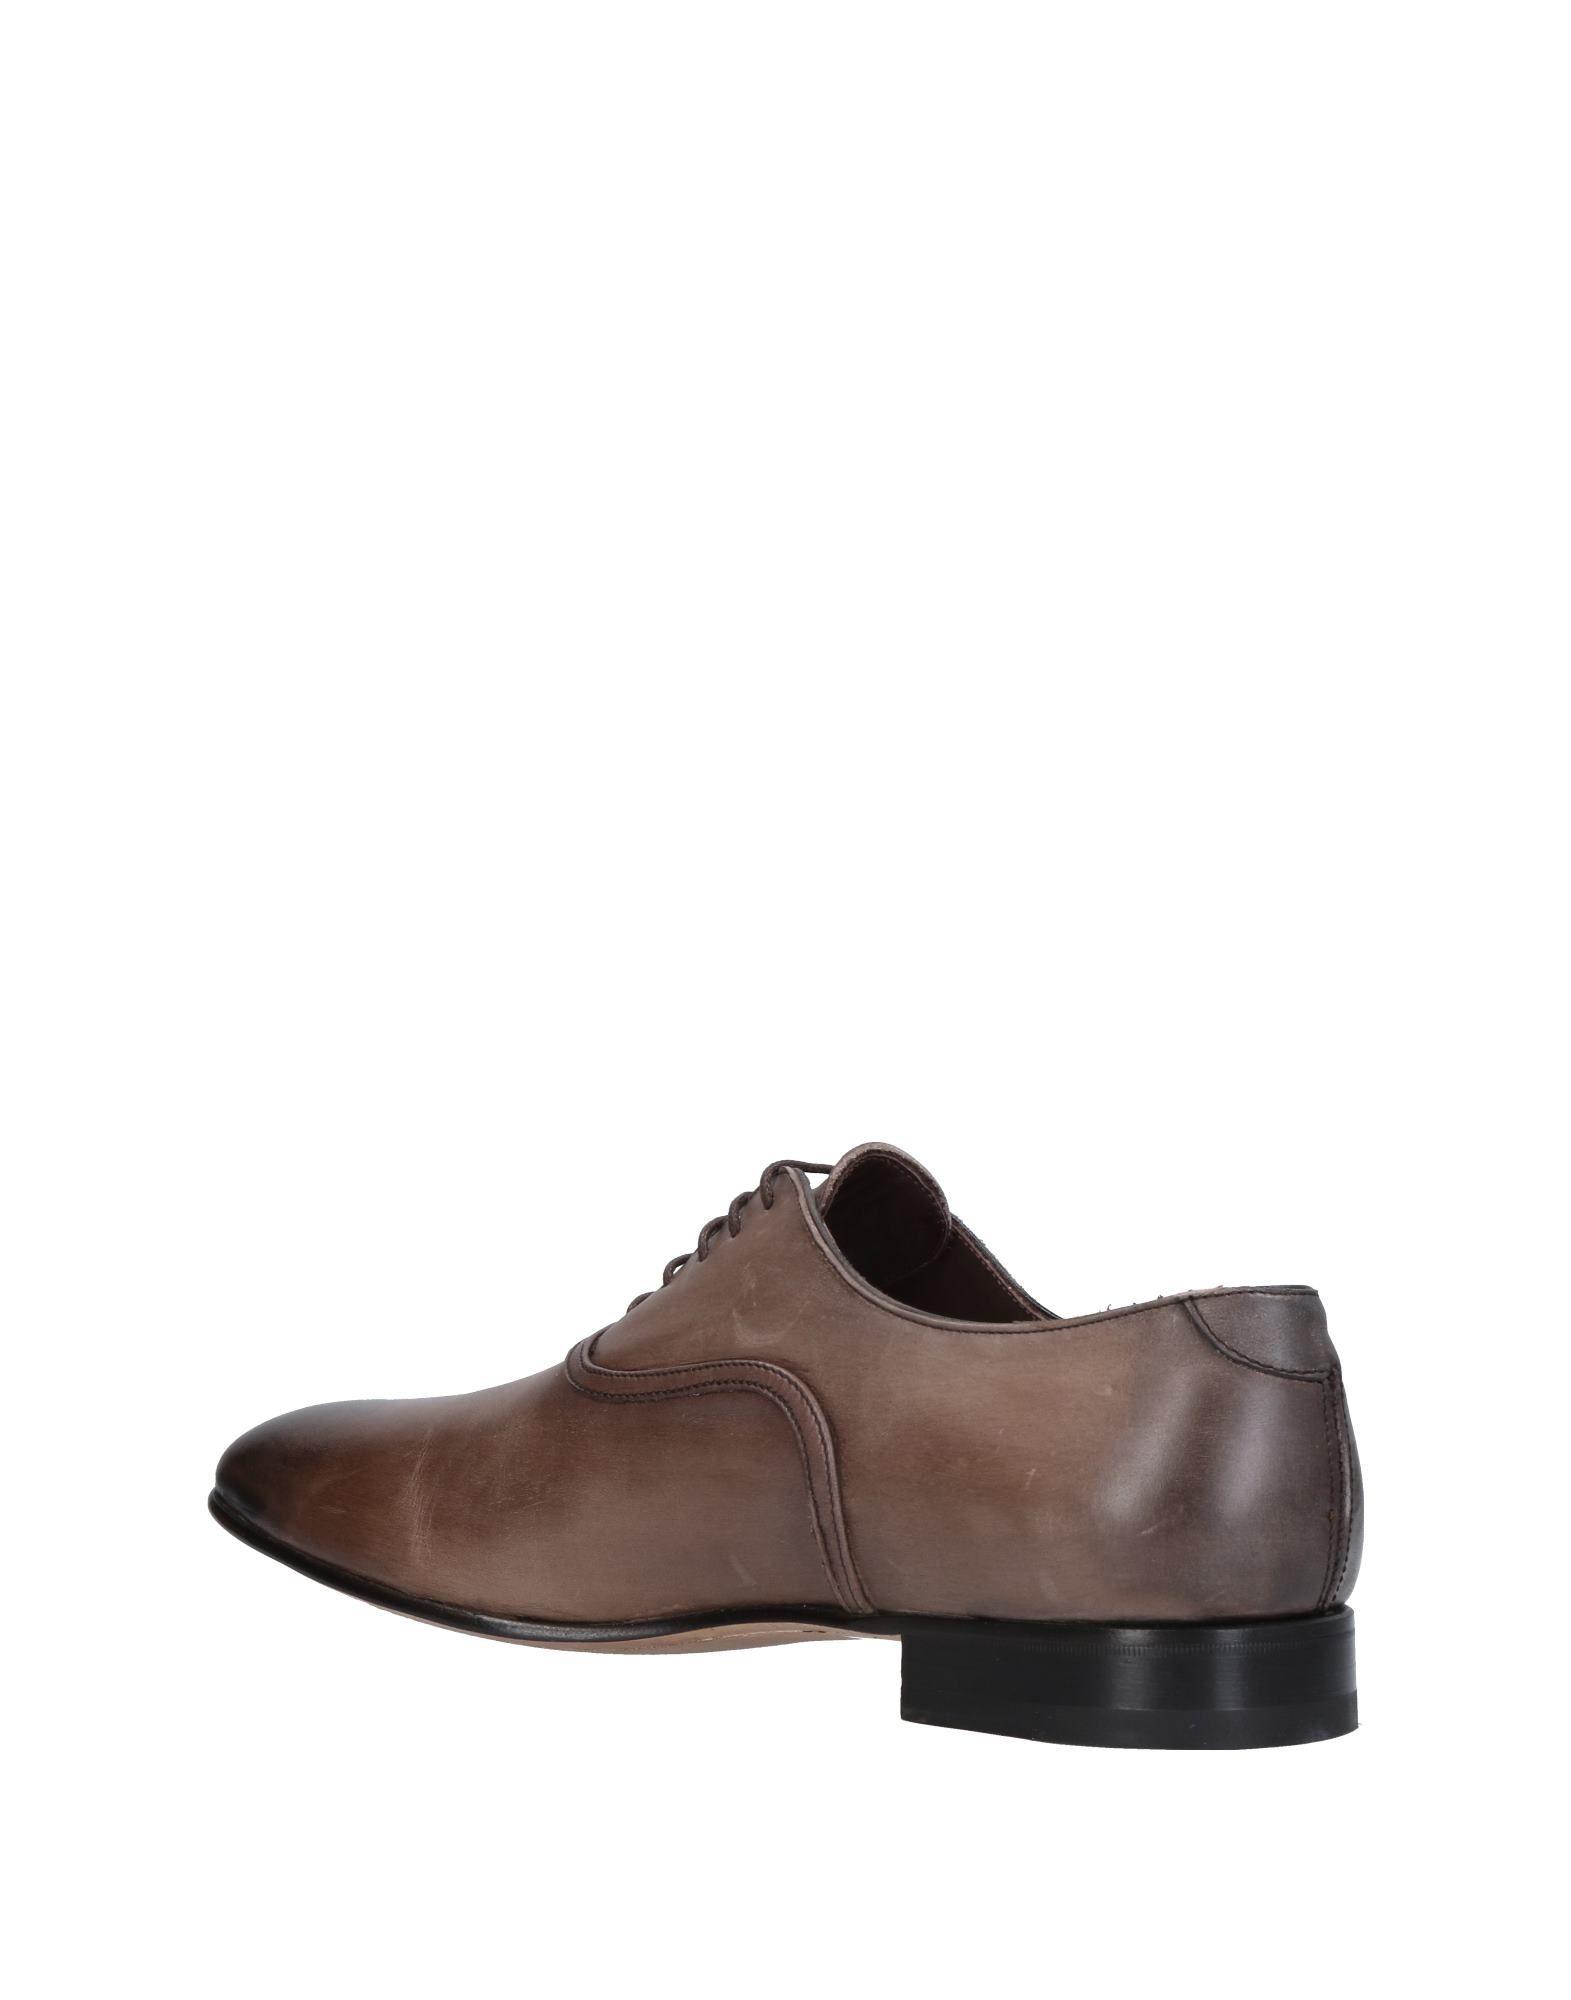 CRISCI Chaussures à lacets homme. Chaussures à bout ouvert Fashion femme  Bleu  Chaussures de Football Homme - Noir (Cblack/Solred/Ftwwht Cblack/Solred/Ftwwht) PE8gYBOp3A